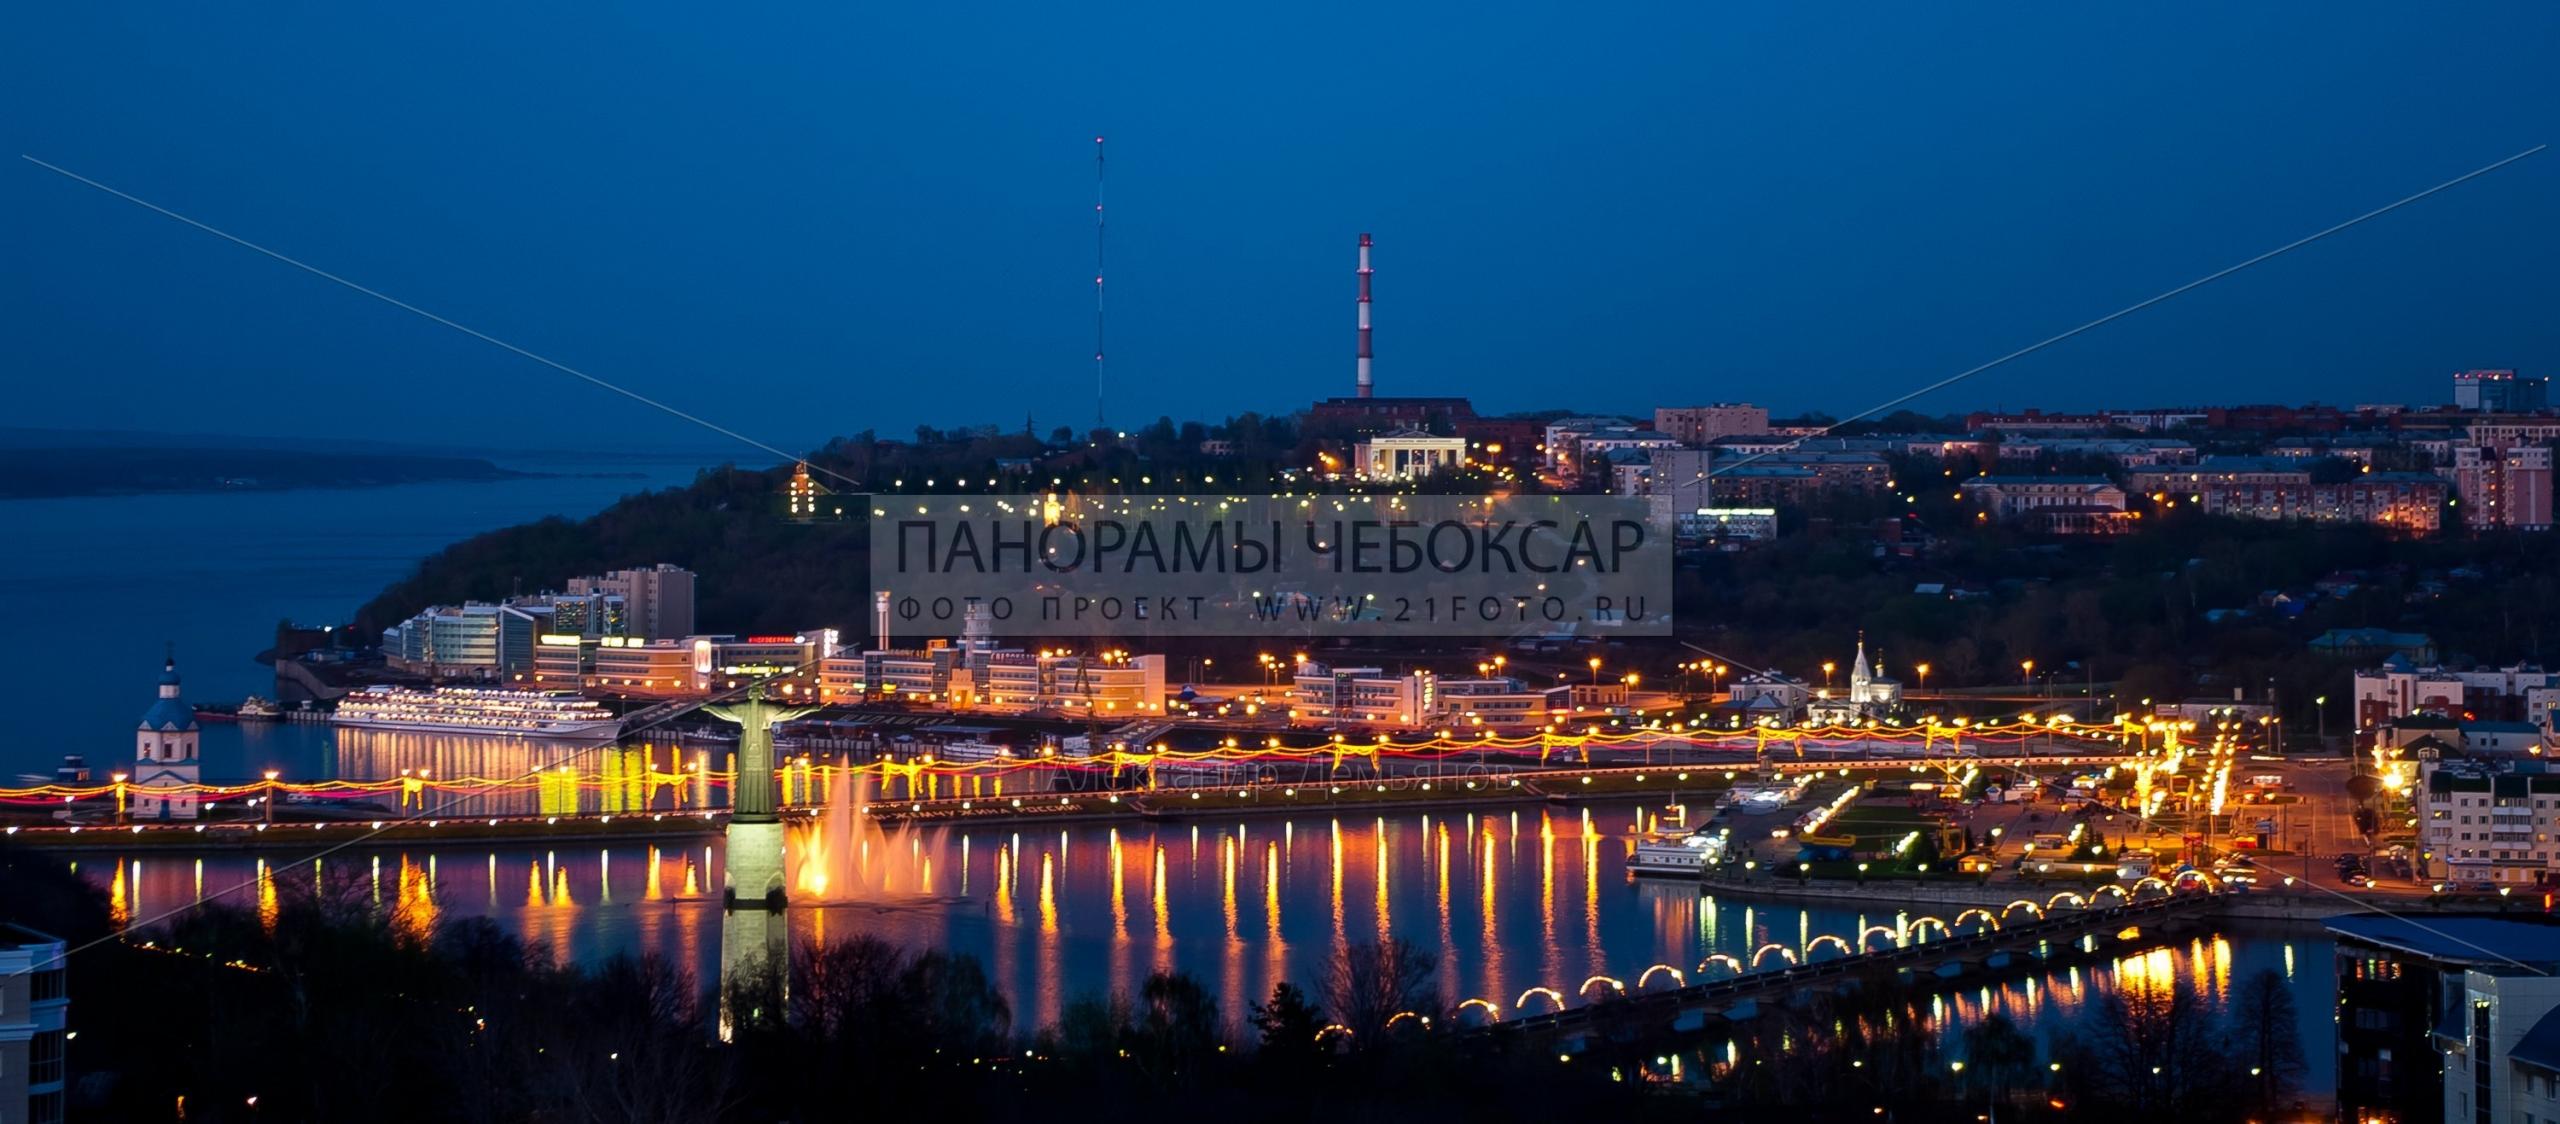 Фото Чебоксарского залива и дорога к храму весной